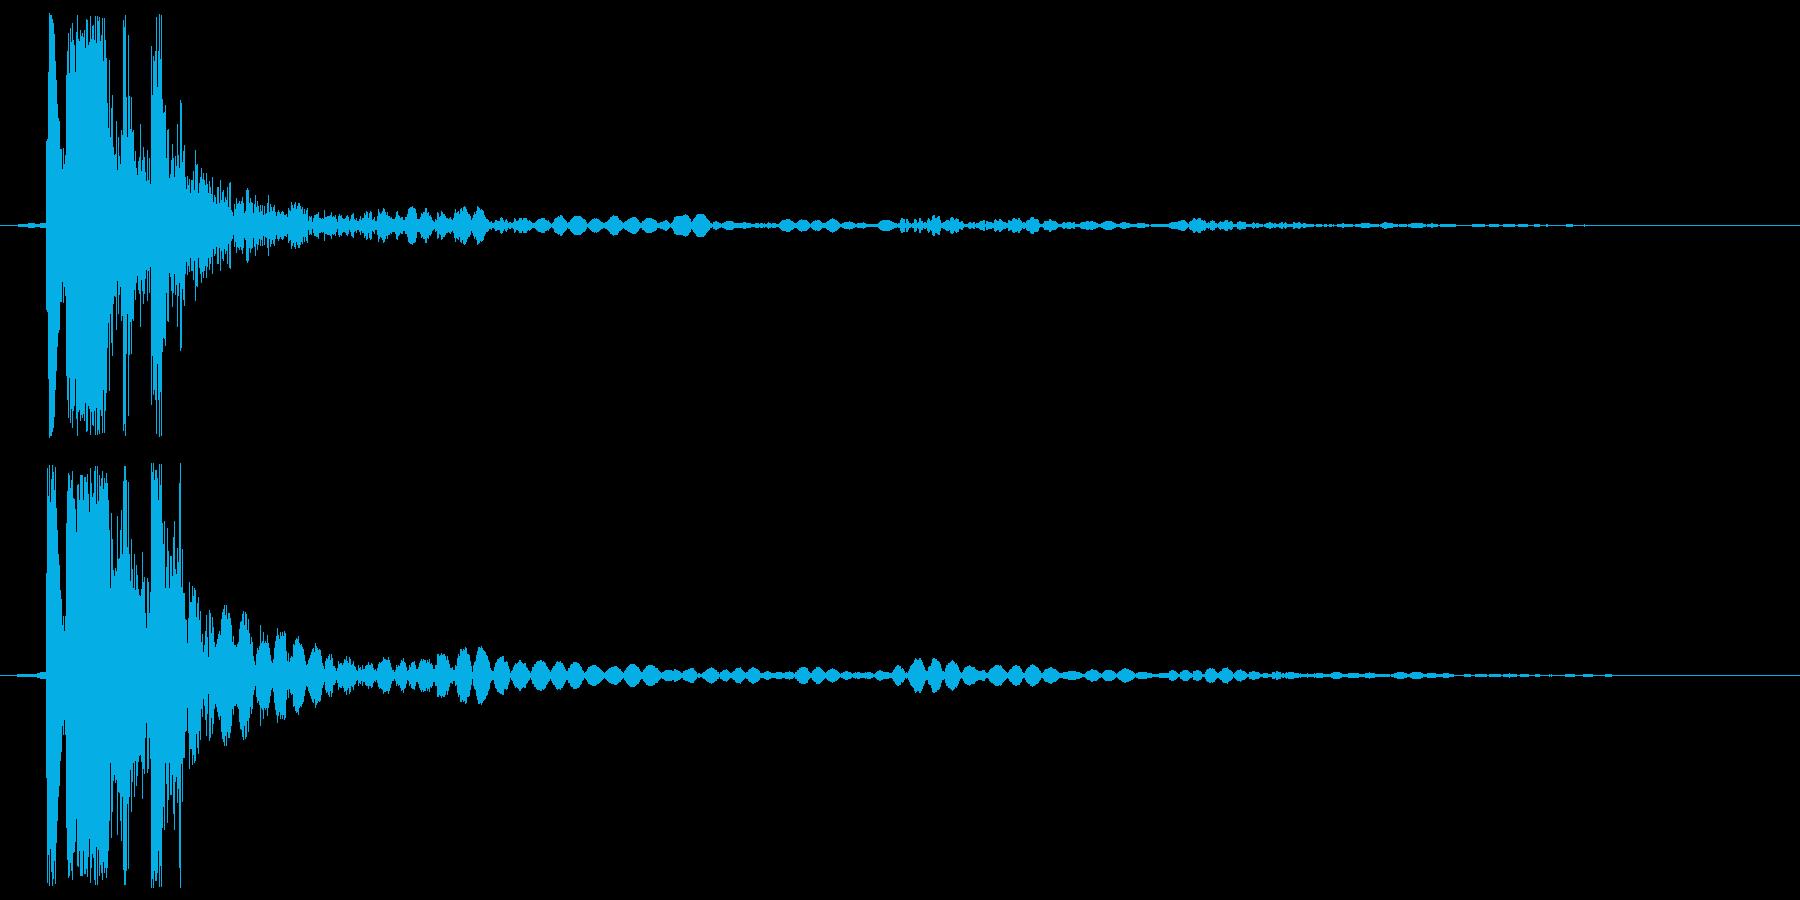 プシュッ (開放音)の再生済みの波形